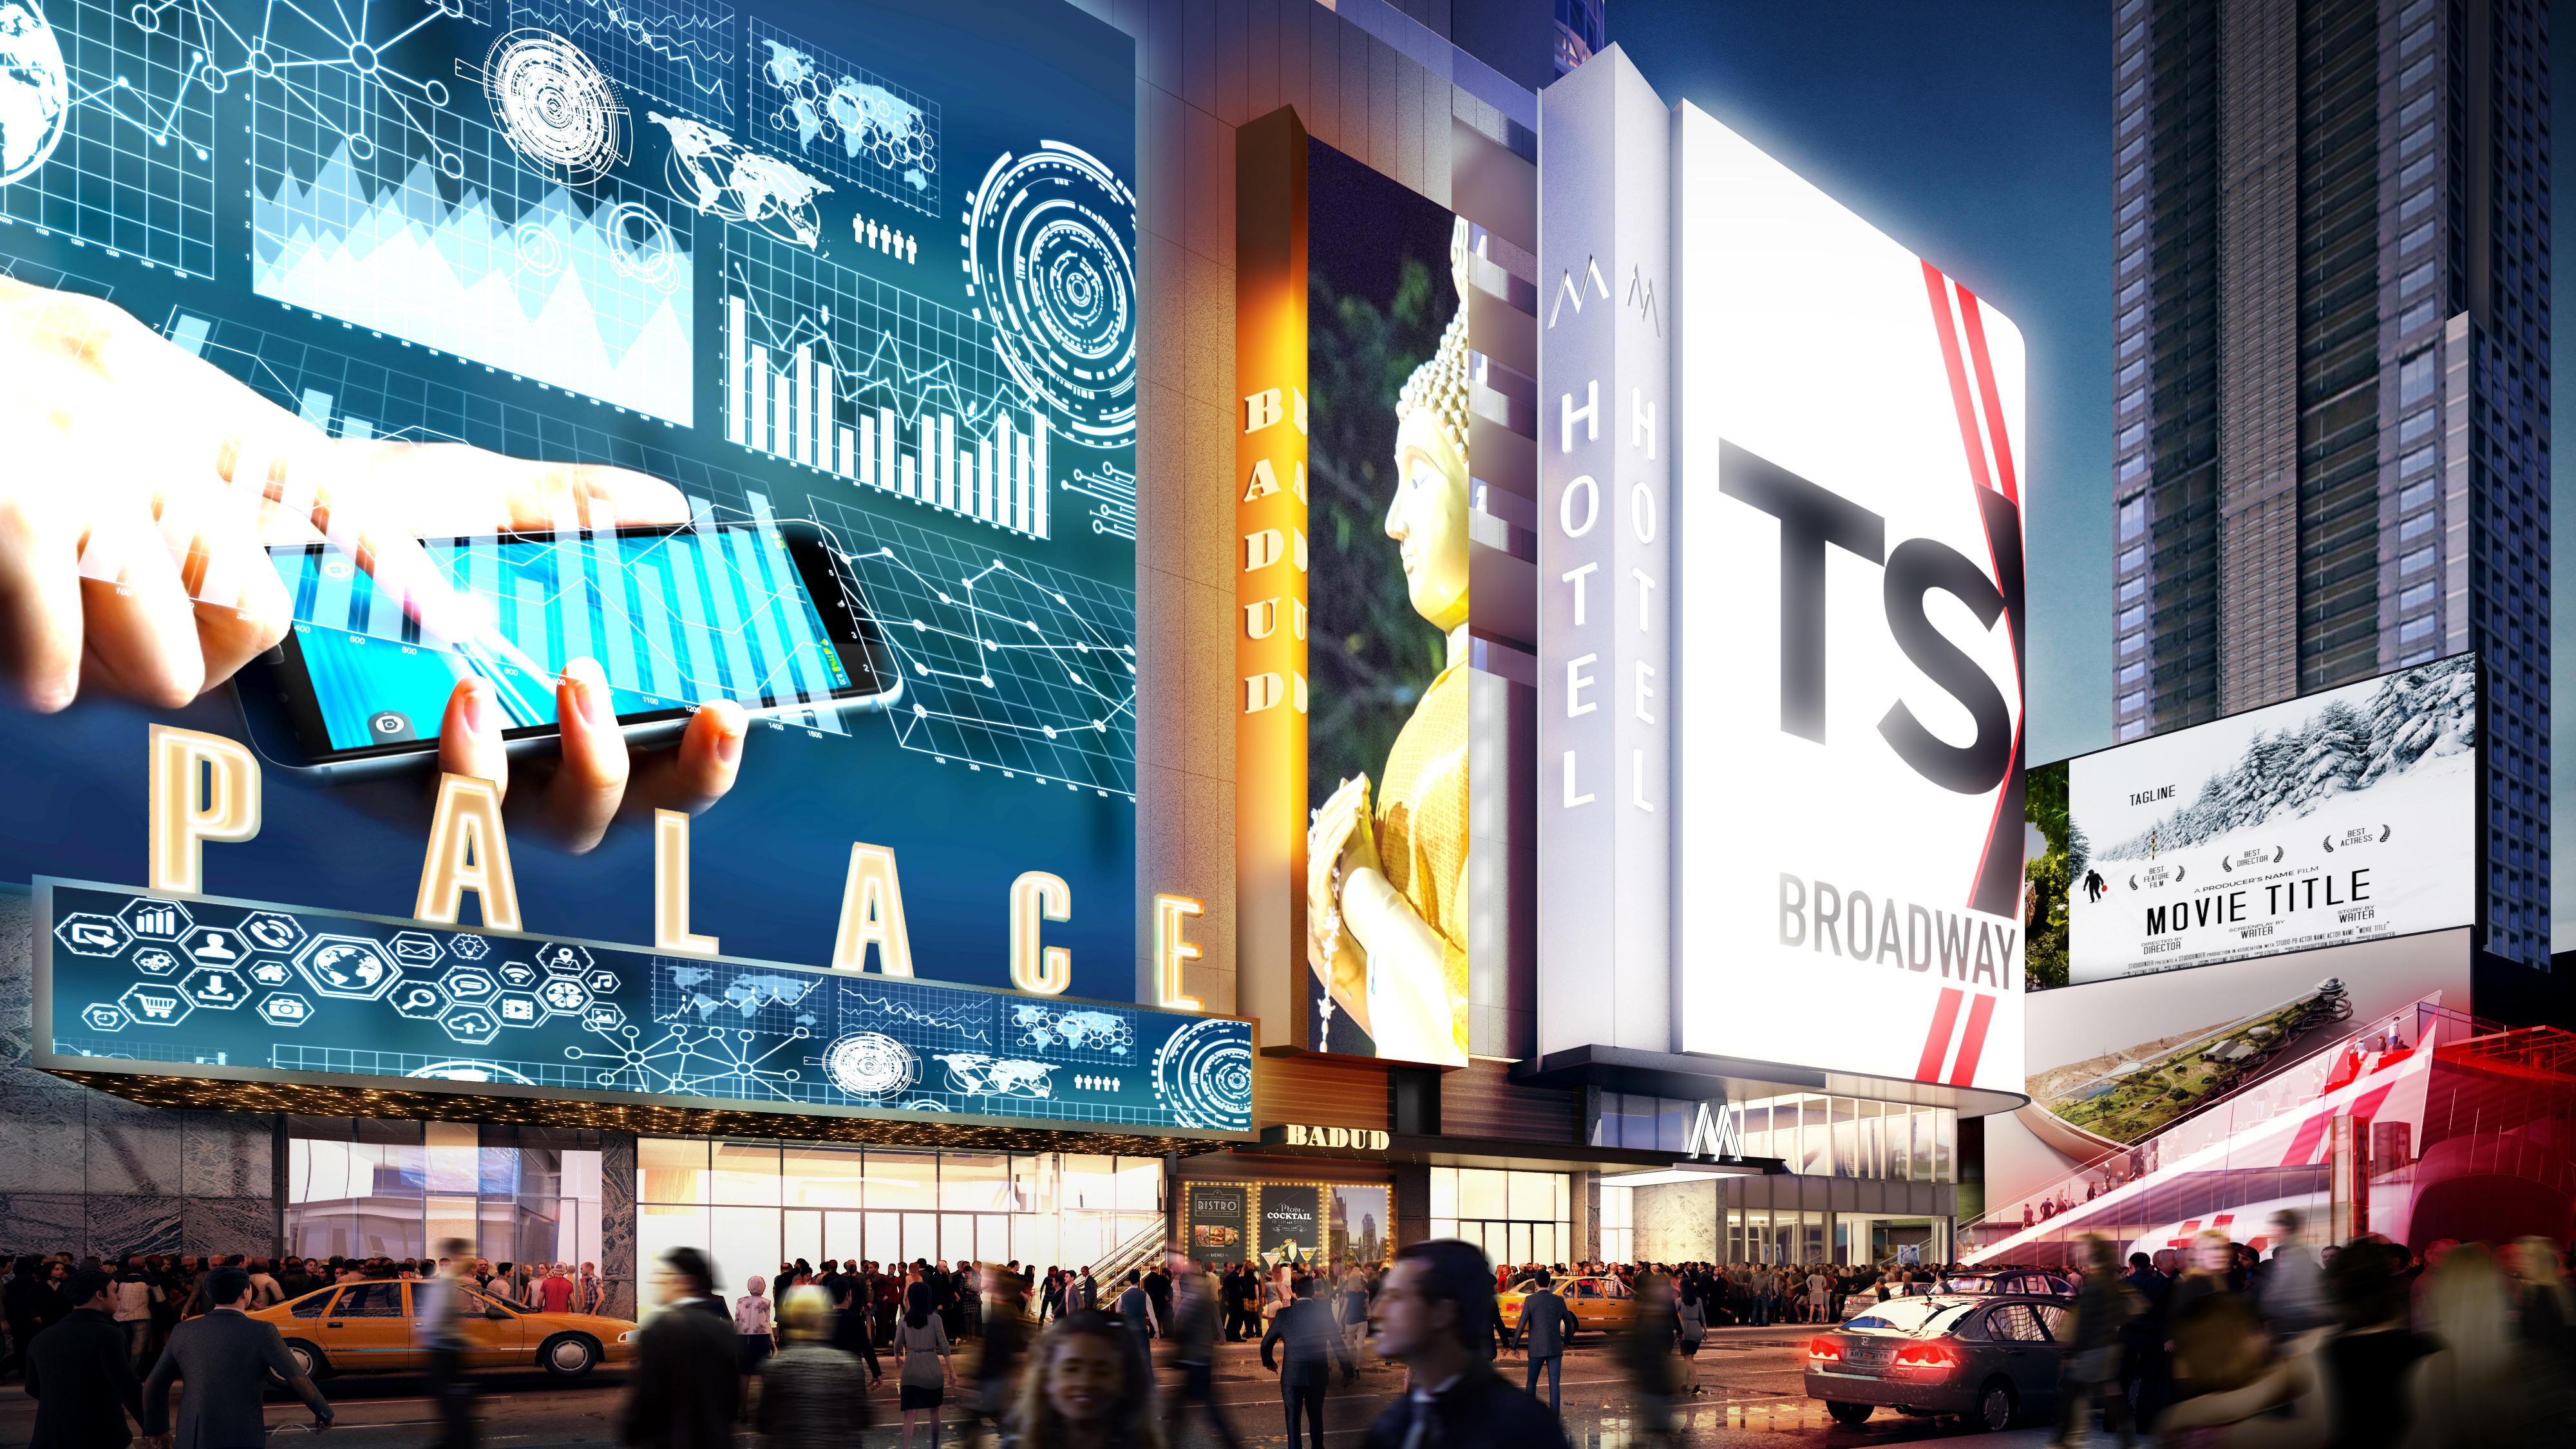 TSX Broadway by Platt Byard Dovell White Architects (PBDW) and Mancini Duffy